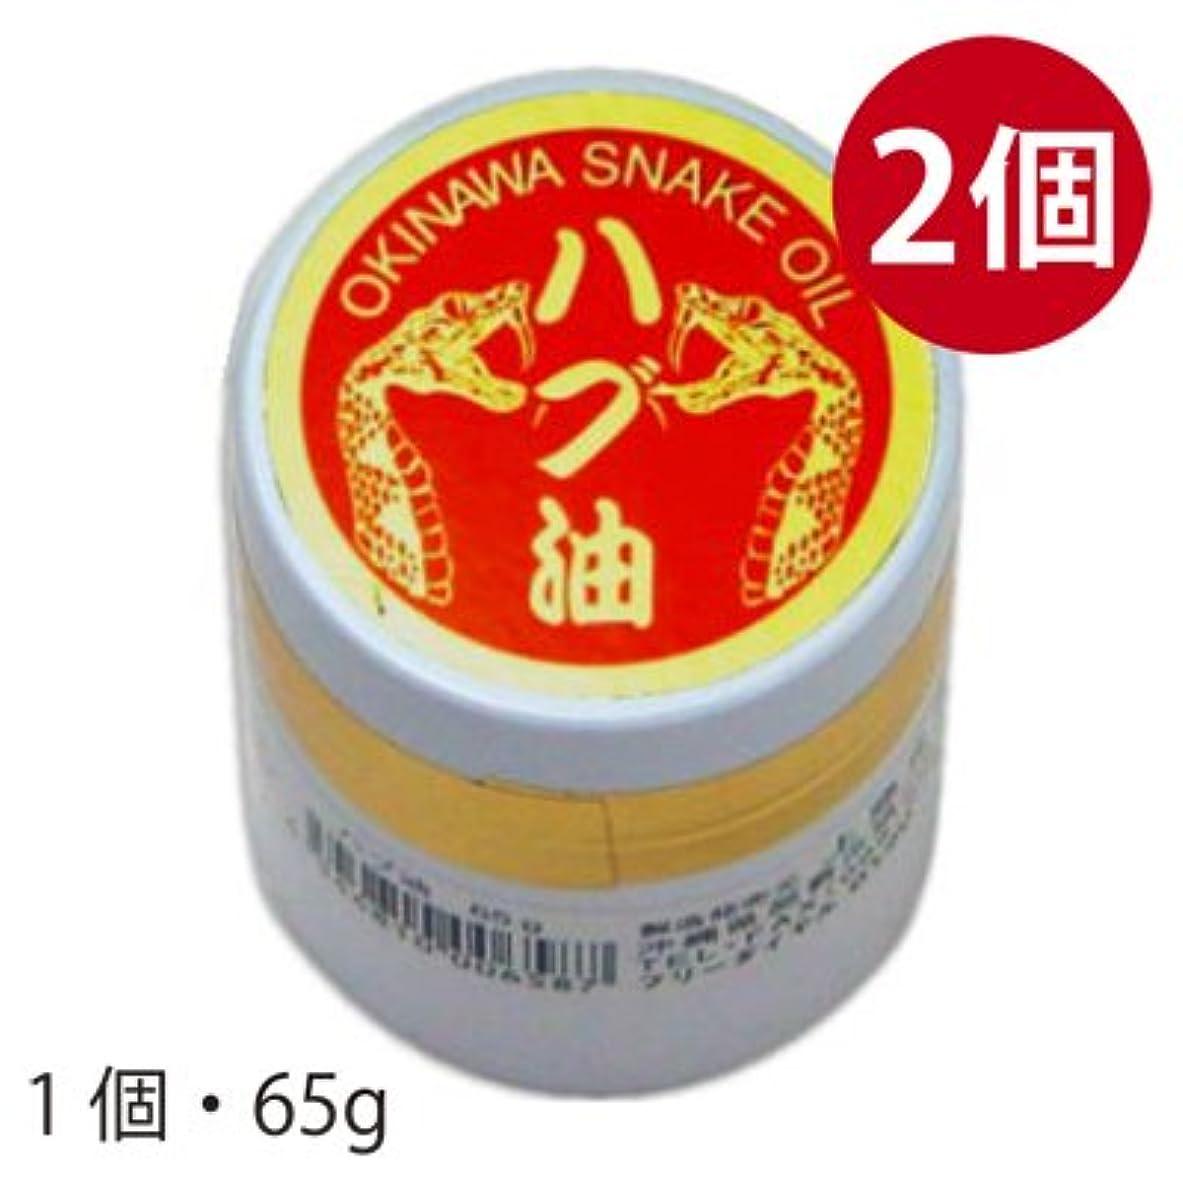 うま電気セブン沖縄県産 ハブ油軟膏タイプ 65g×2個